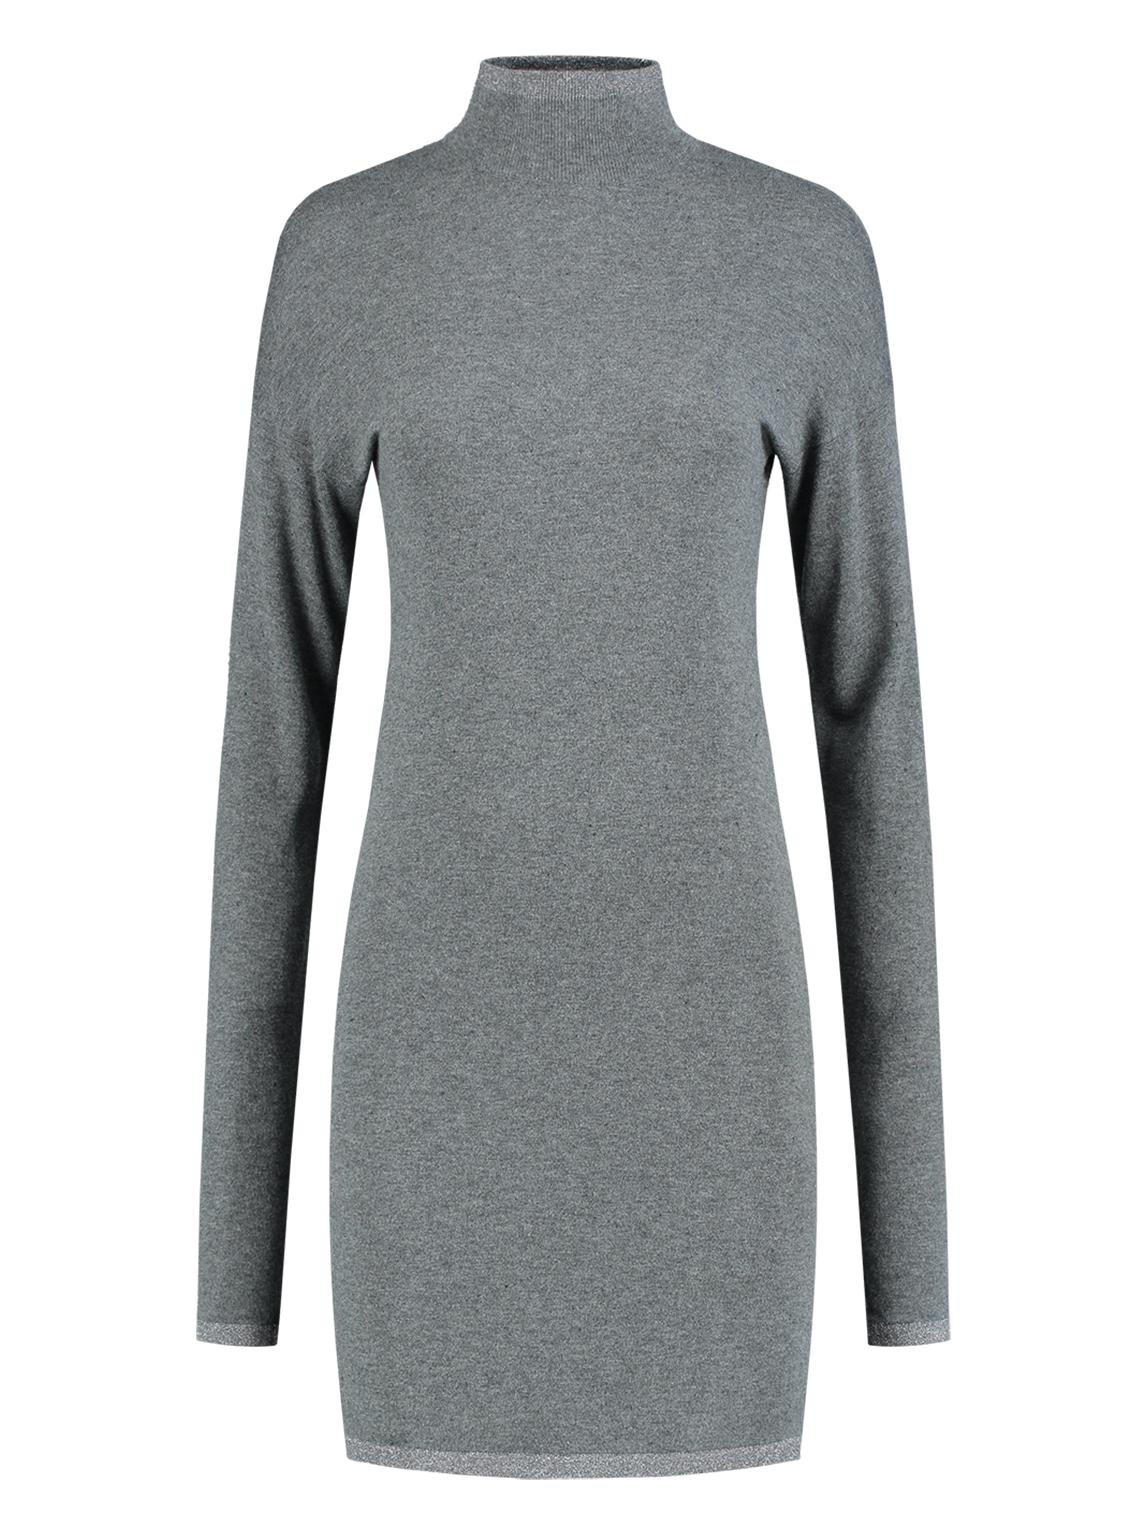 Grijze dames jurk met col Nikkie Jessa Turtle Neck Dress - N7-783 1901 9050